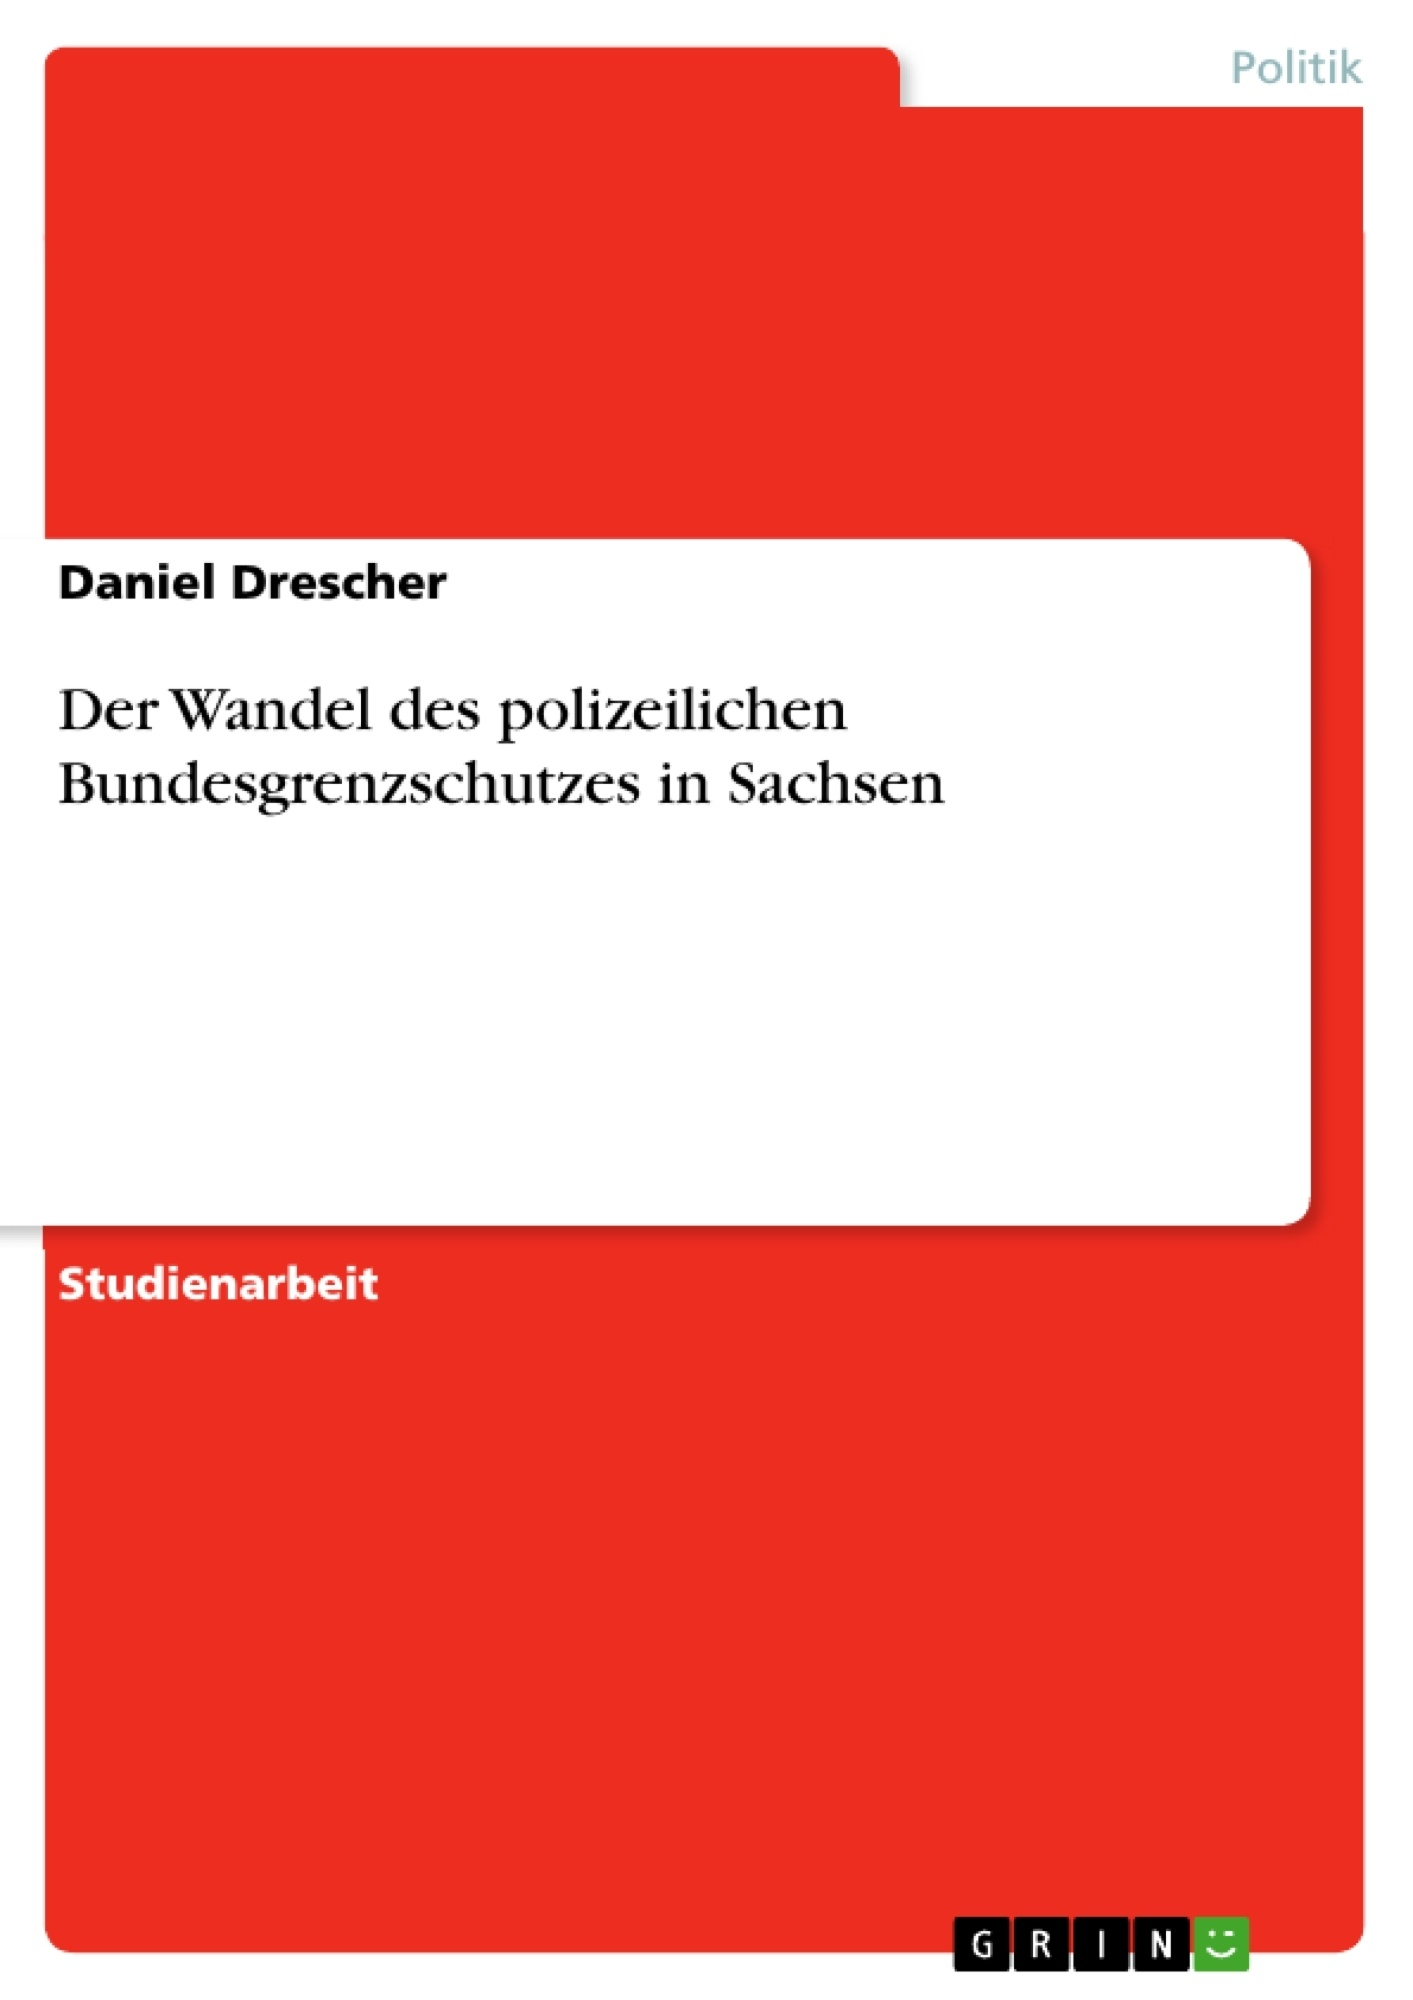 Titel: Der Wandel des polizeilichen Bundesgrenzschutzes in Sachsen